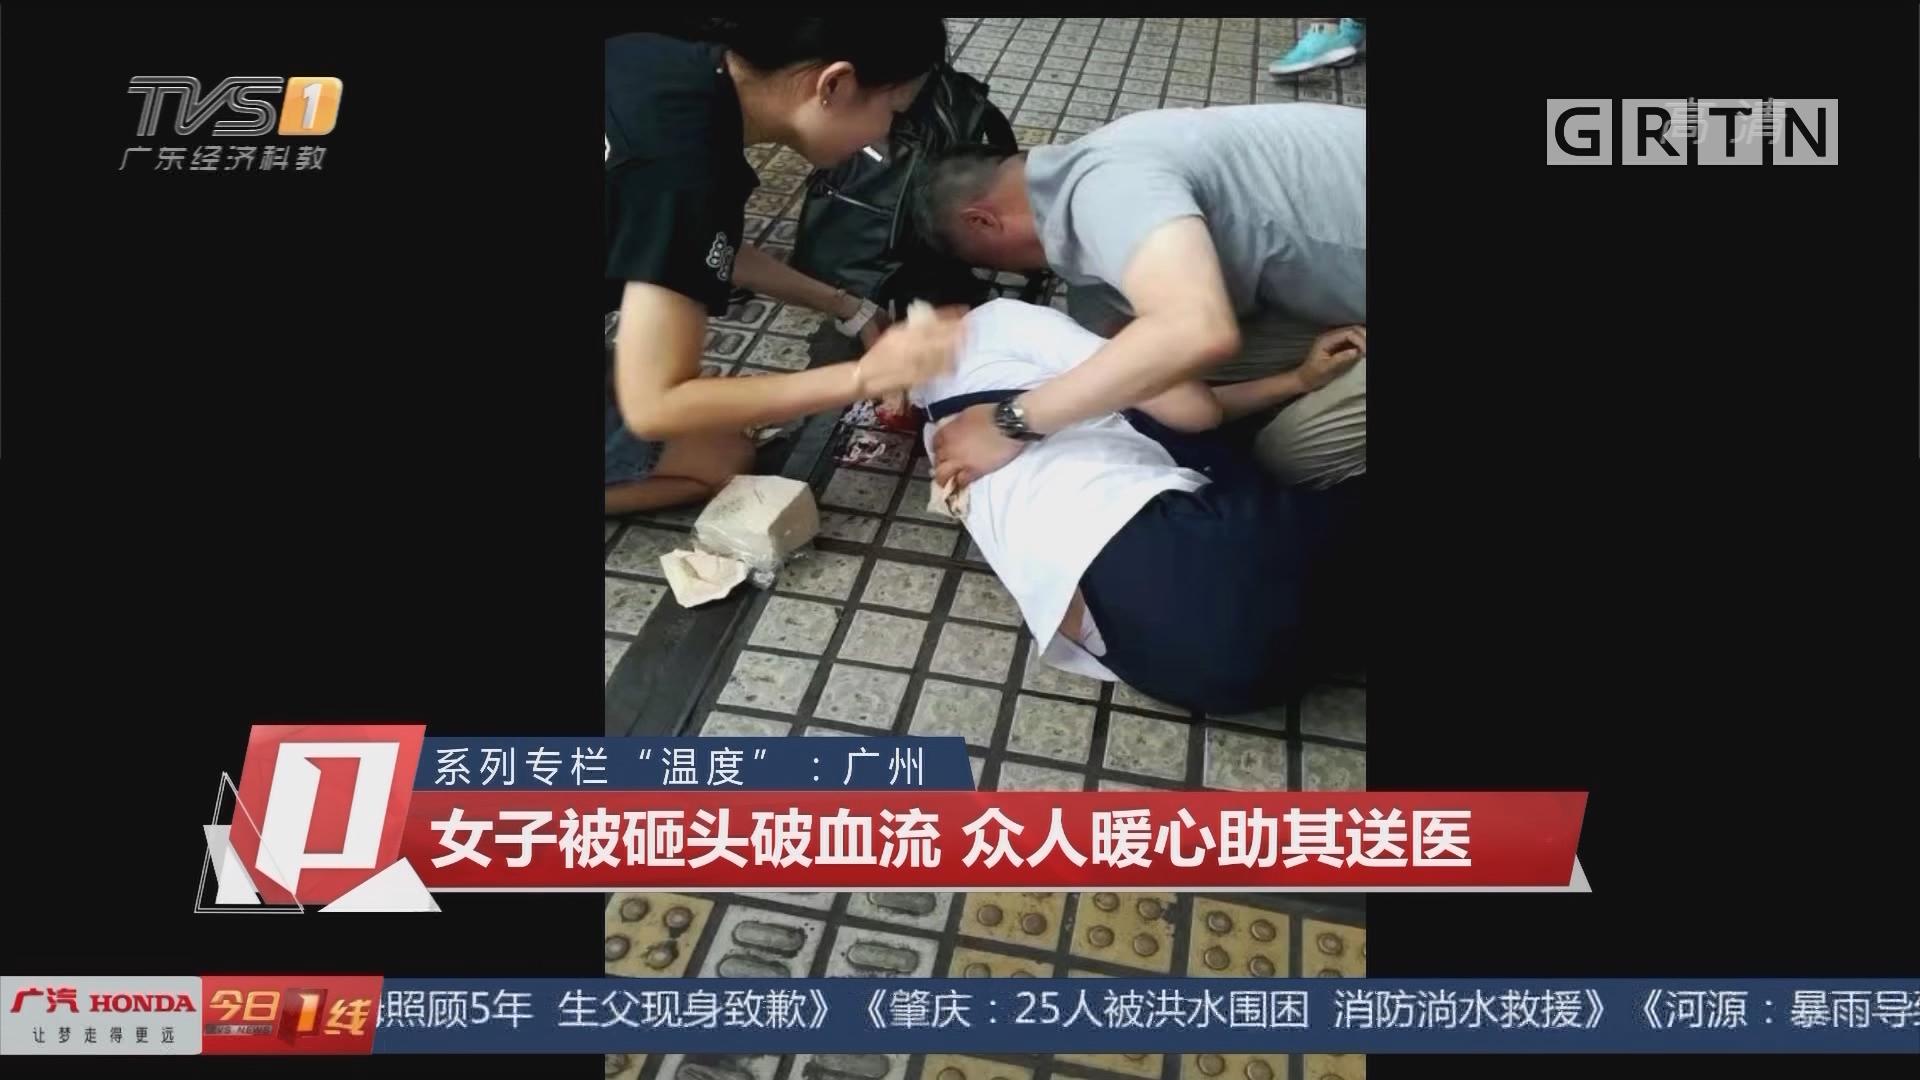 """系列专栏""""温度"""":广州 女子被砸头破血流 众人暖心助其送医"""